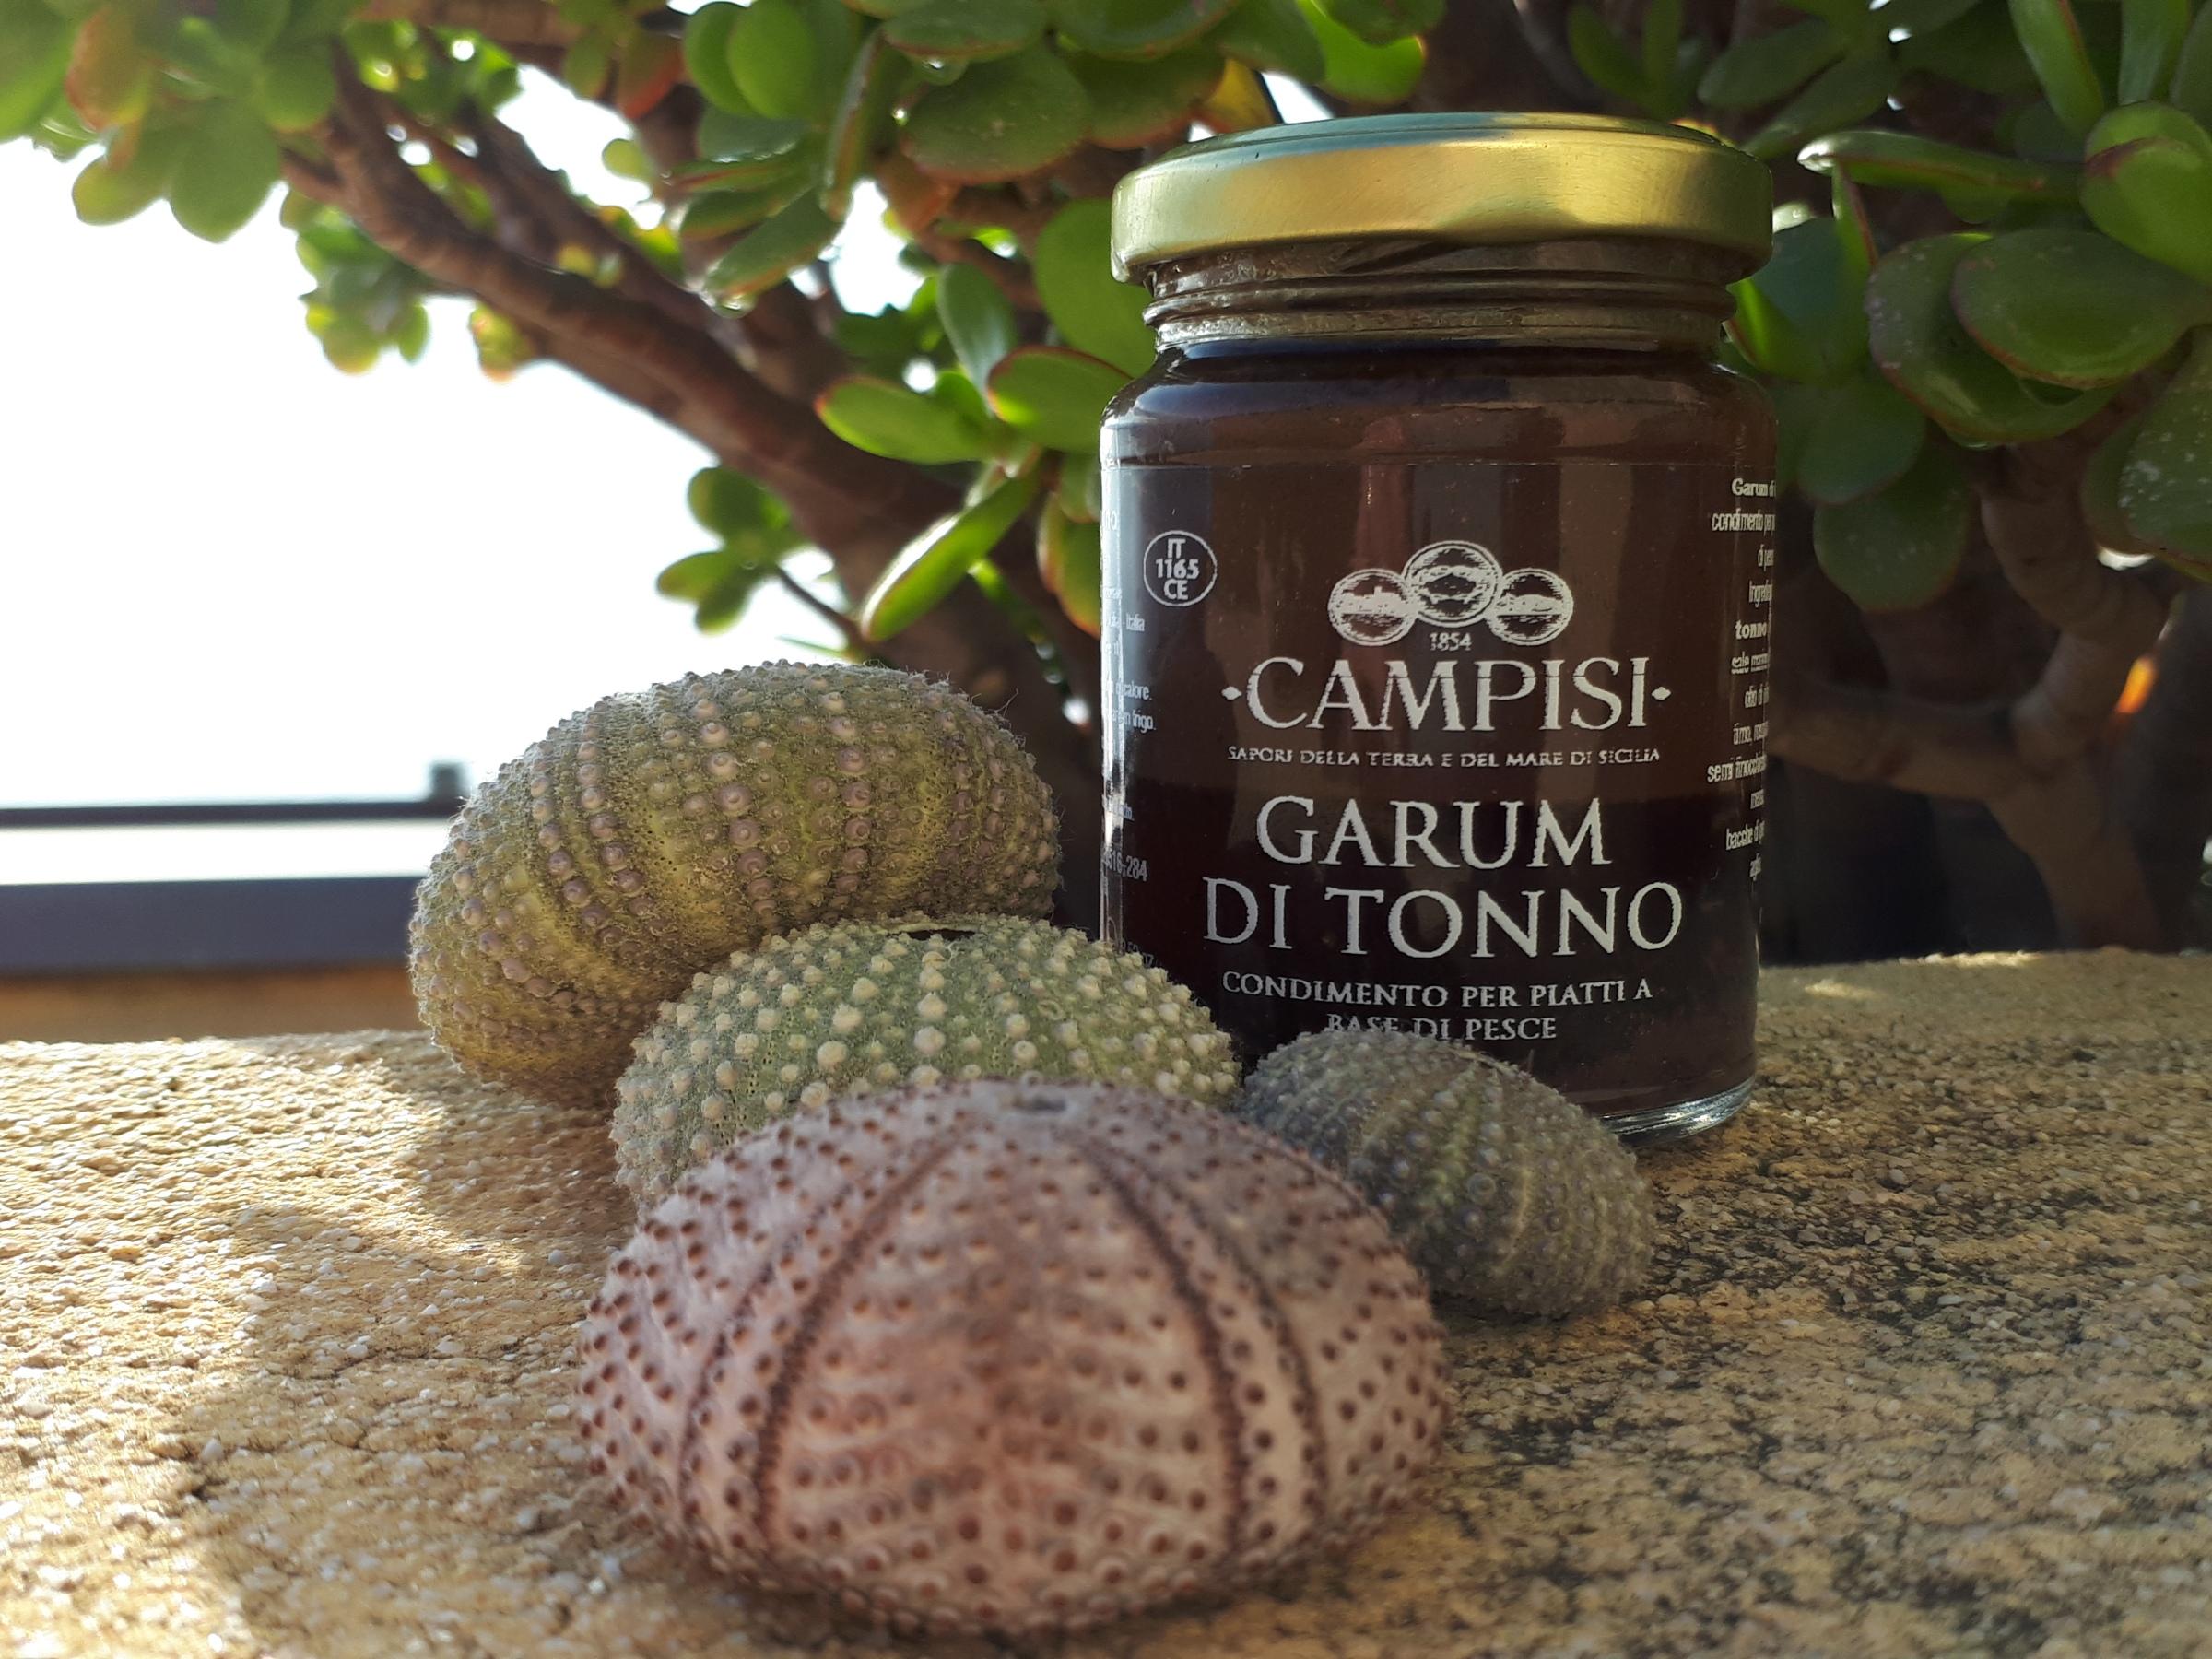 Il garum di tonno prodotto dalla ditta Campisi